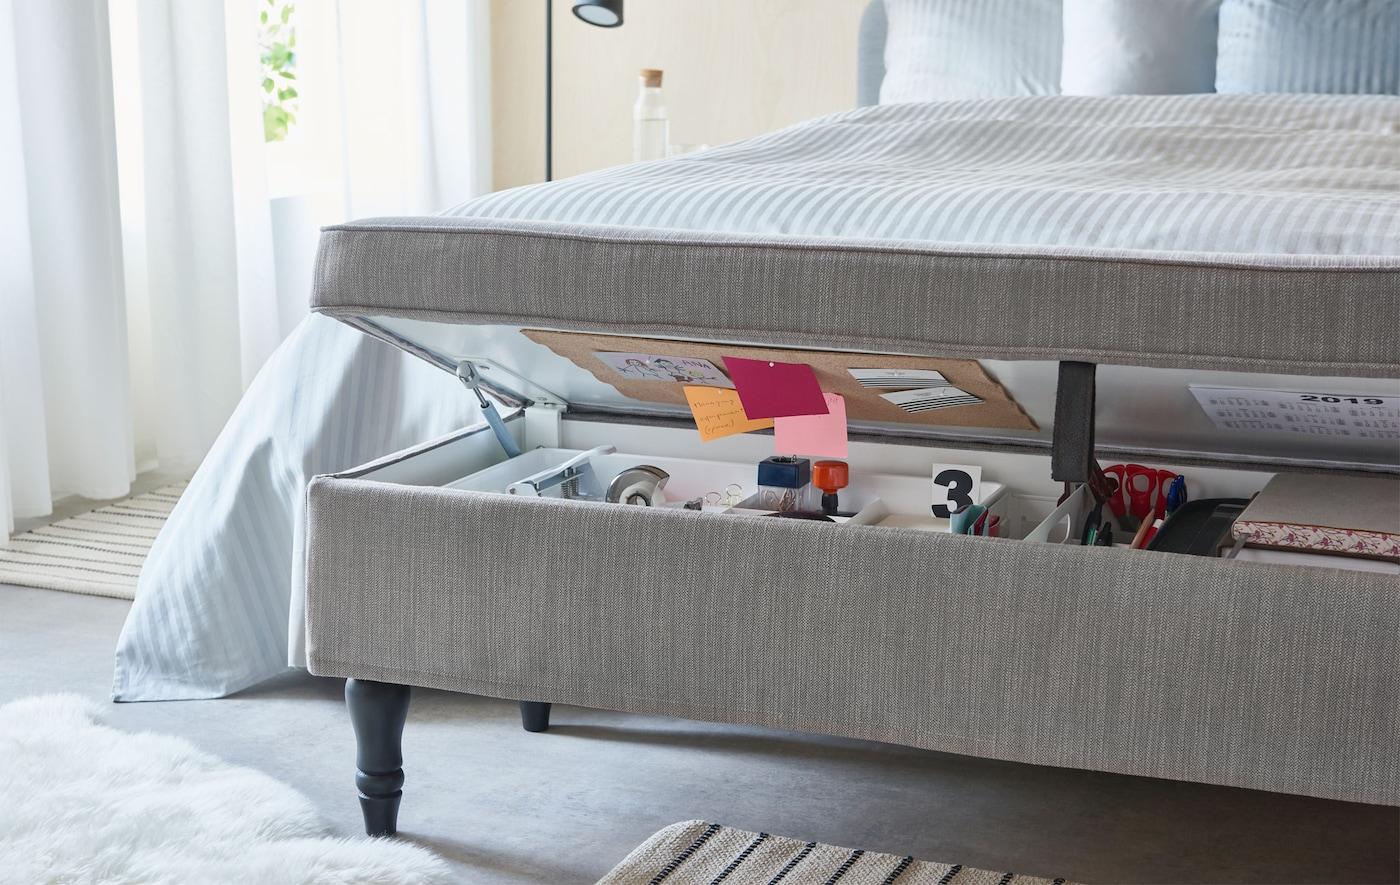 Acoperită cu material textil, o combinație de băncuță și soluție de depozitare ușor deschisă la piciorul unui pat, pe care sunt așezate obiectele caracteristice unui birou organizat acasă.